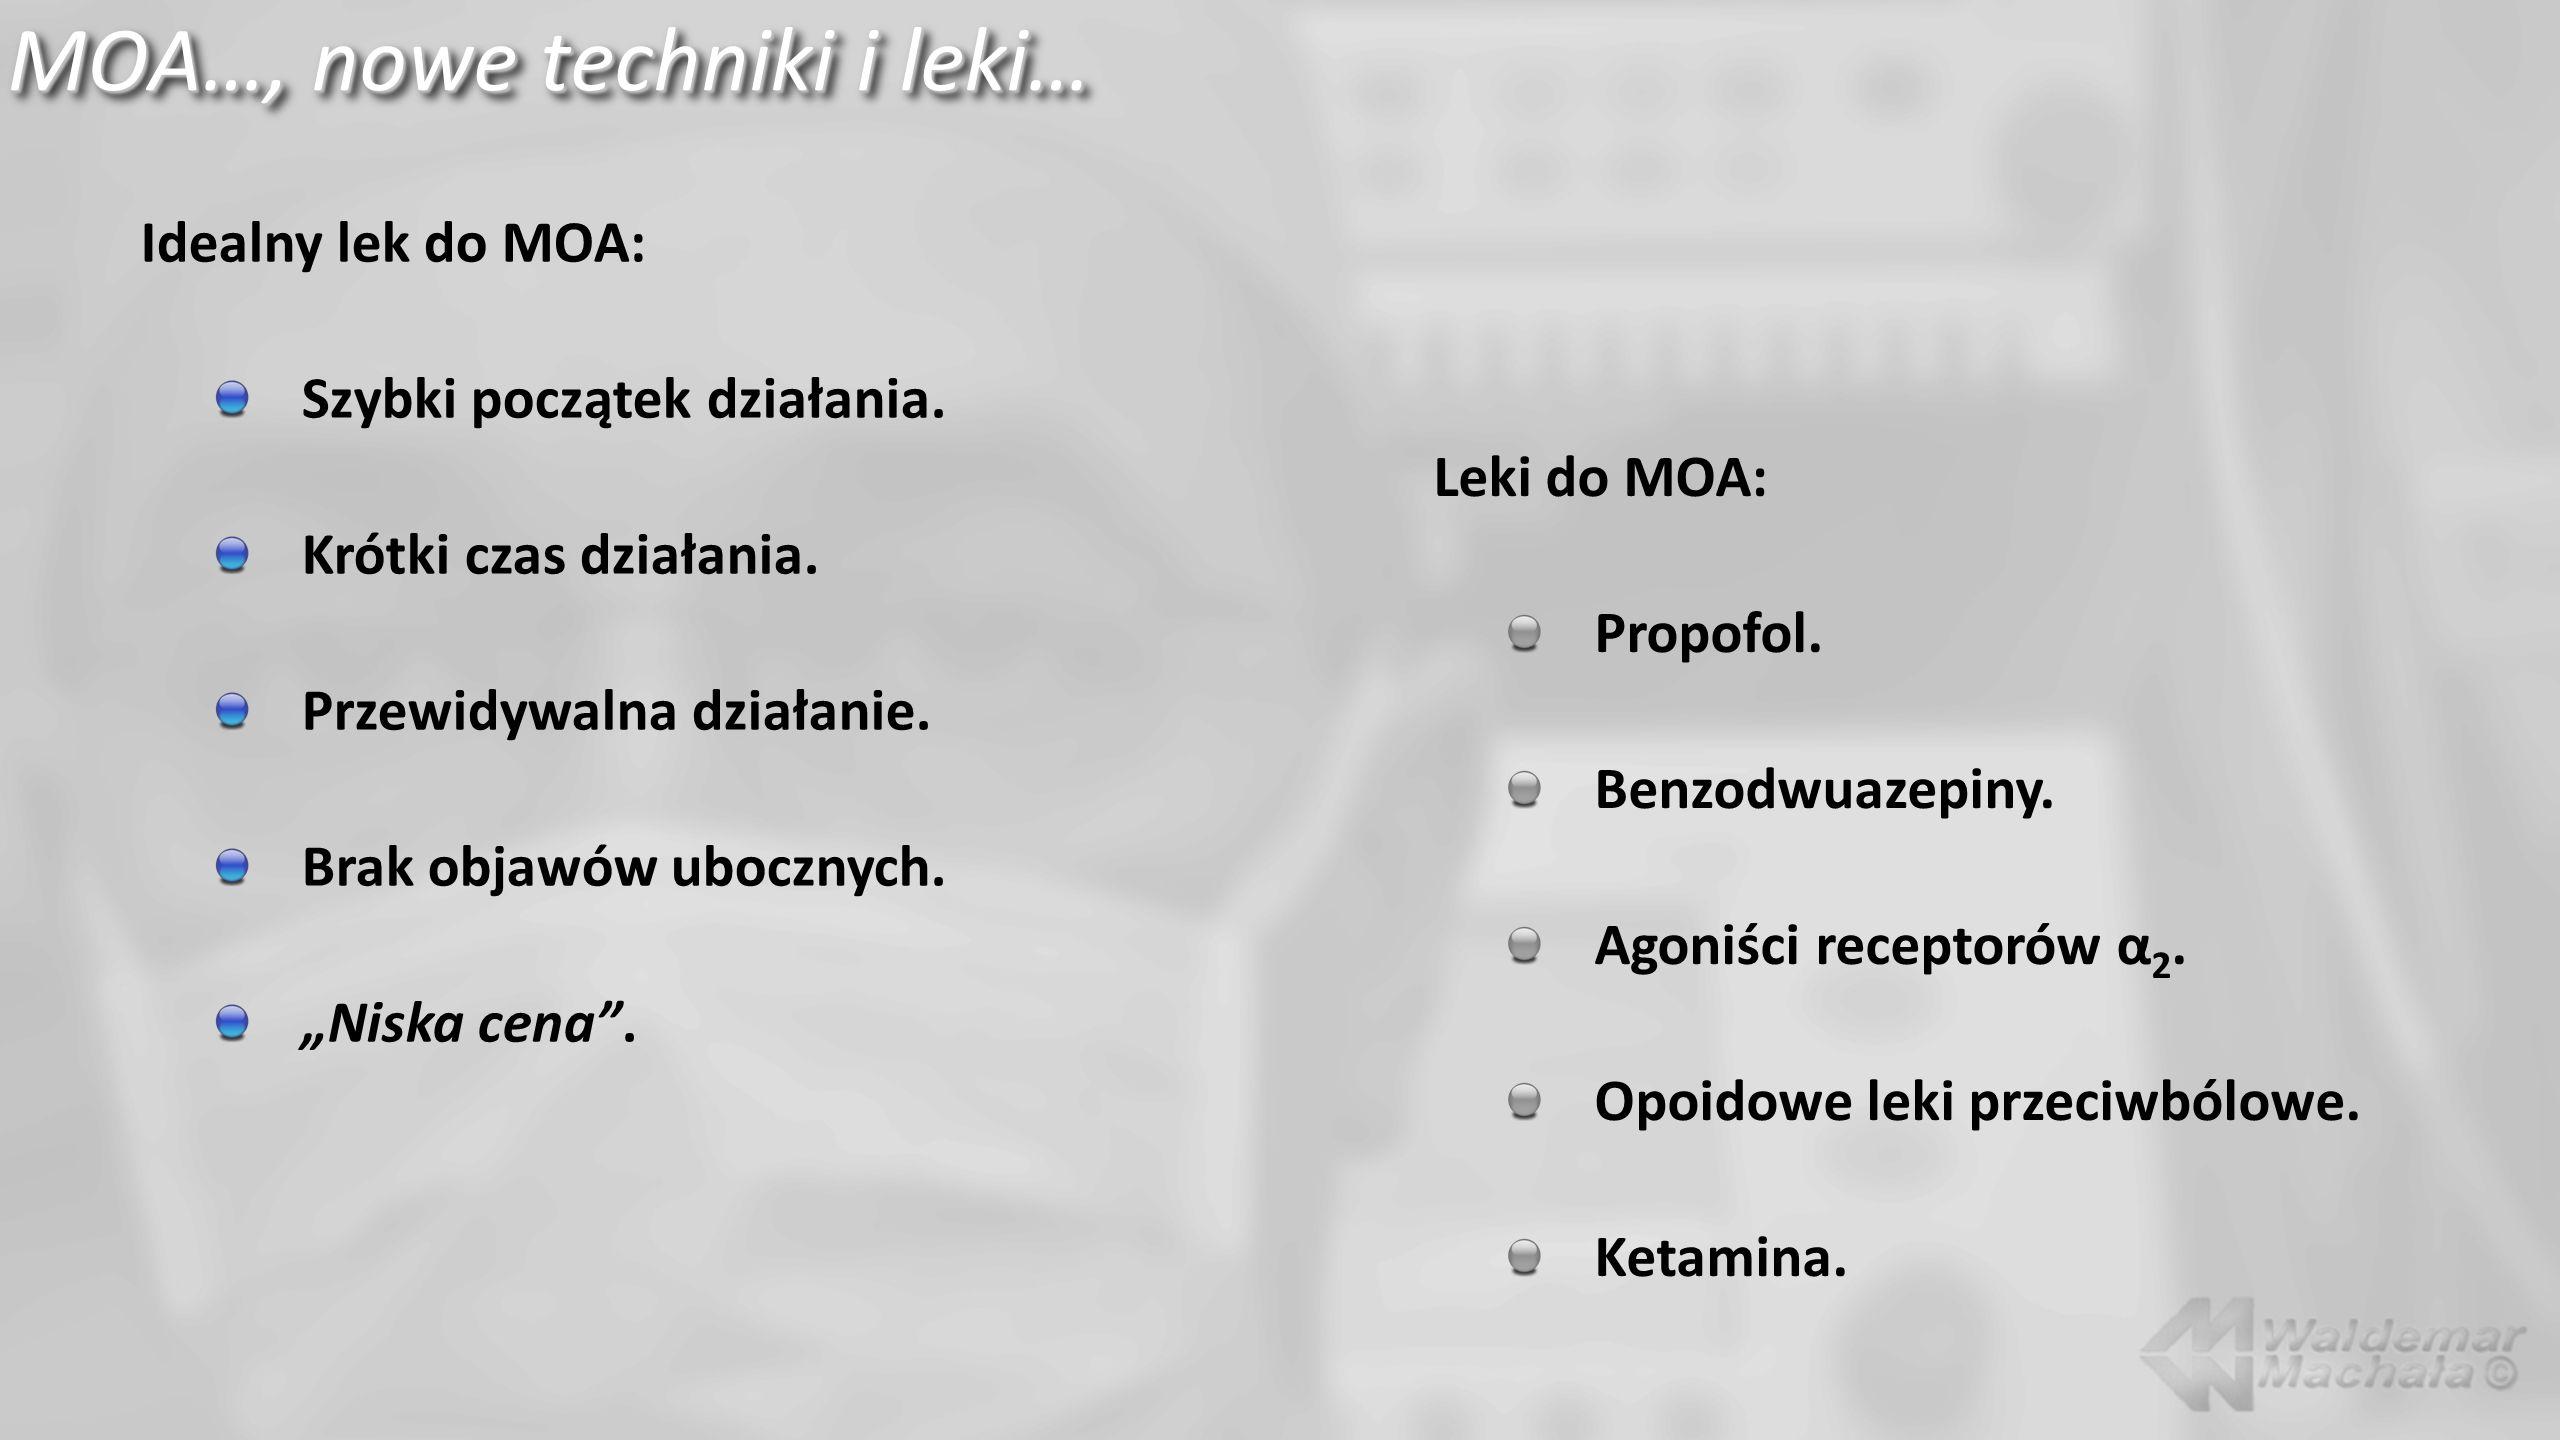 """MOA…, nowe techniki i leki… Idealny lek do MOA: Szybki początek działania. Krótki czas działania. Przewidywalna działanie. Brak objawów ubocznych. """"Ni"""